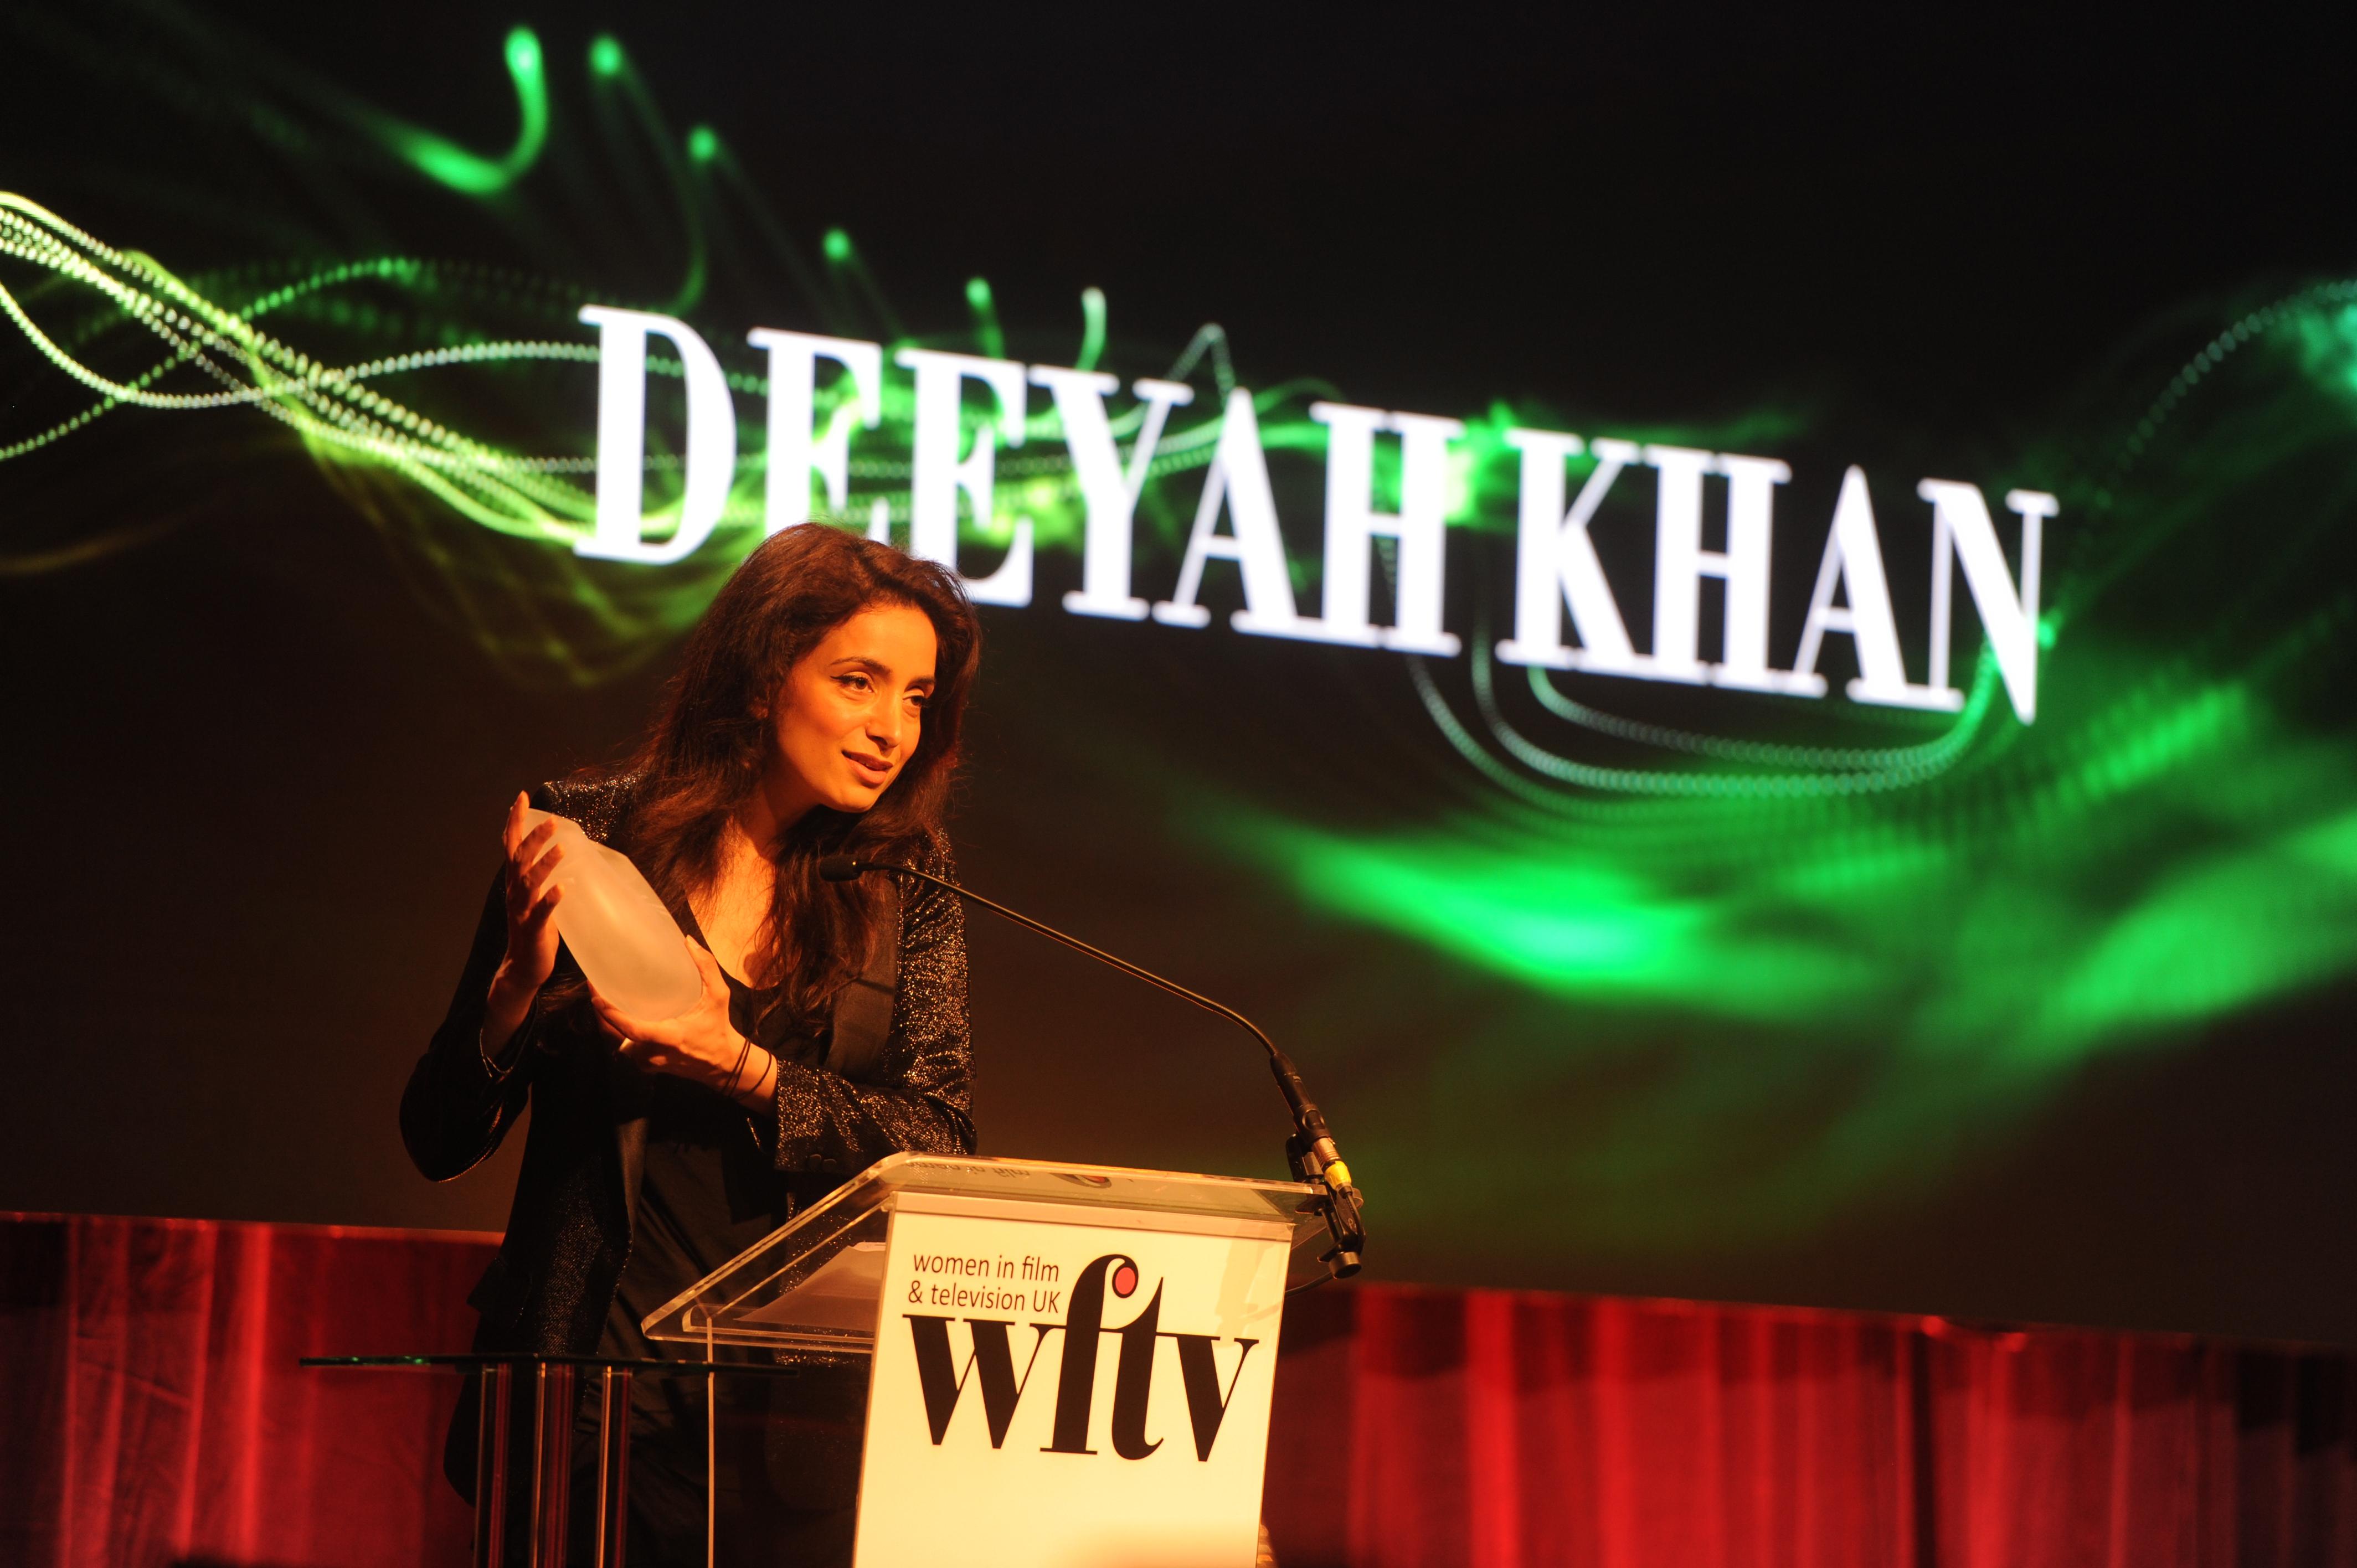 Deeyah Khan